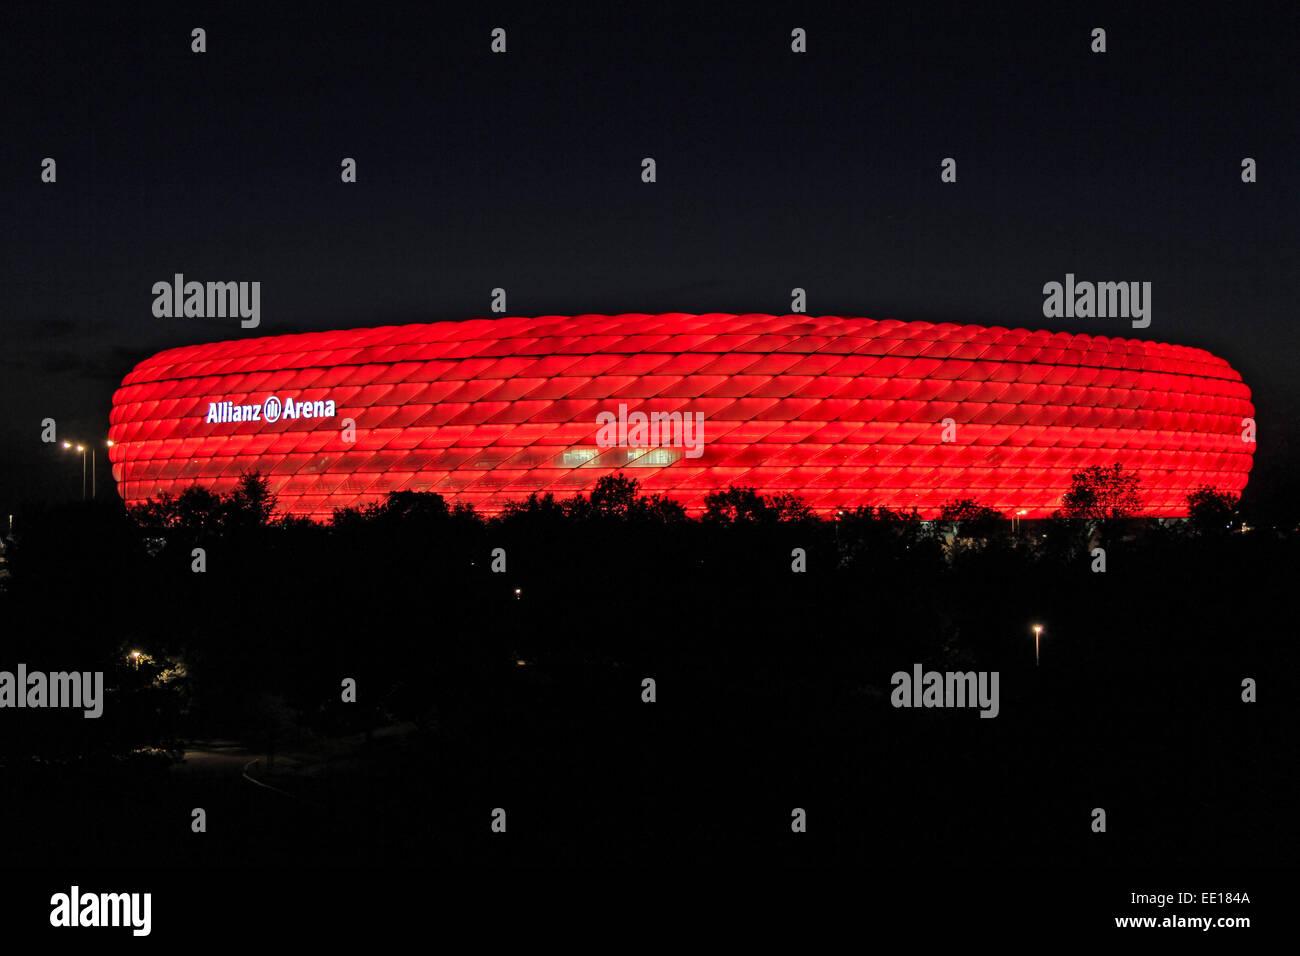 Deutschland, München, Fussballstadion, Allianz Arena, , erbaut 2002-2005, Architekten, Herzog und de Meuron, - Stock Image